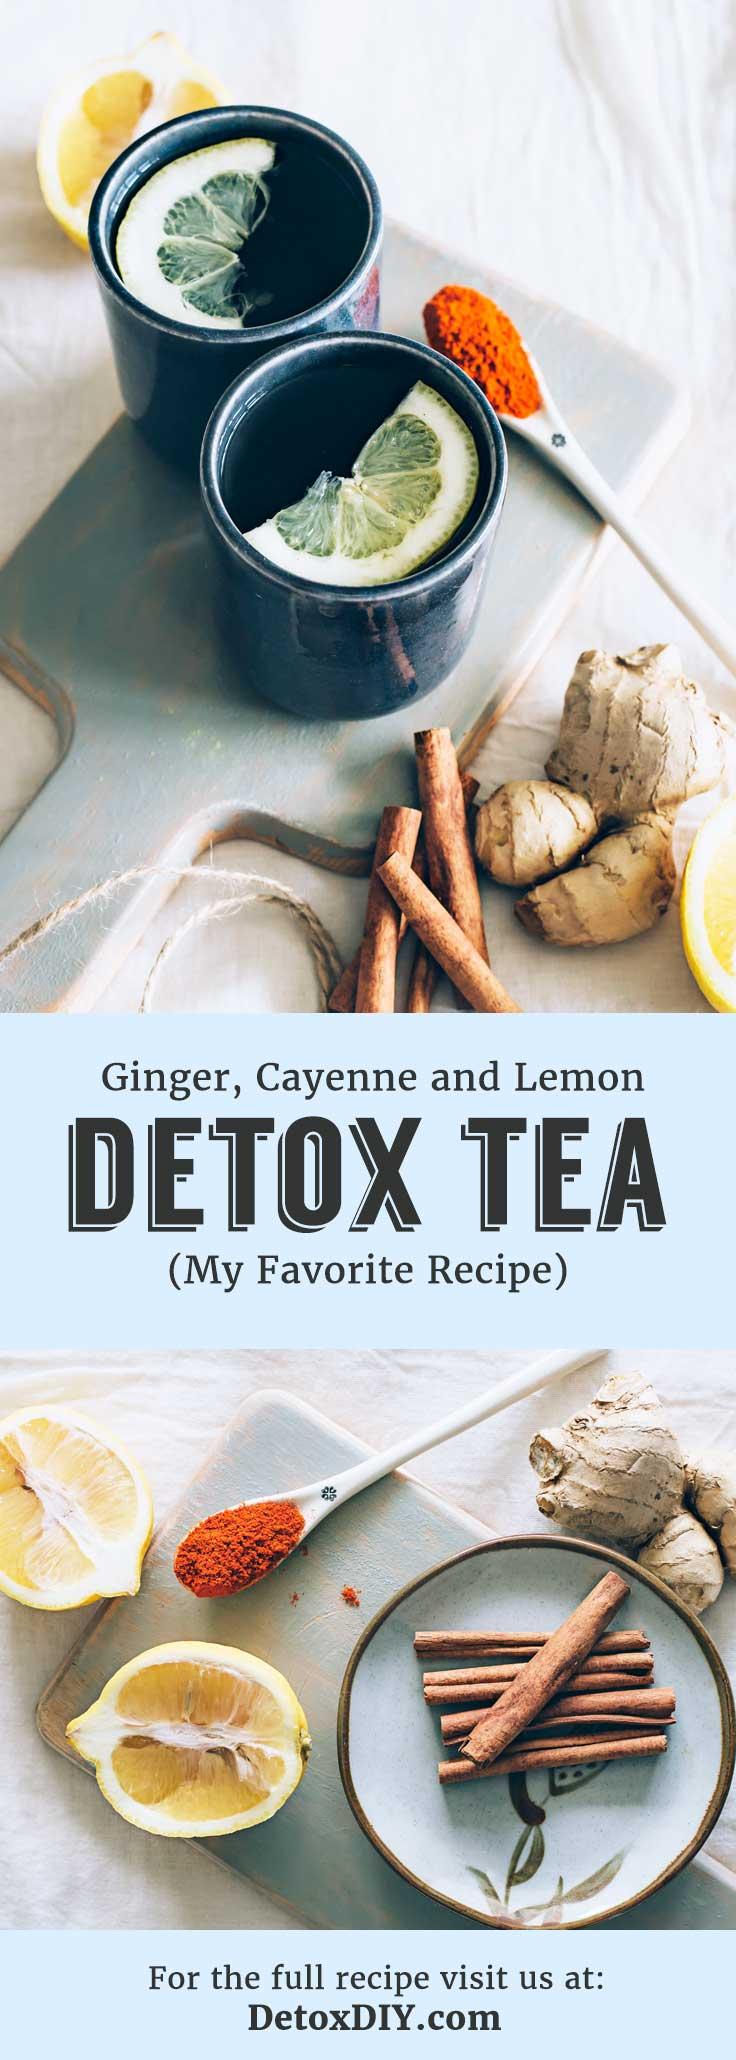 My favorite lemon detox tea recipe using just 4 simple ingredients. Definitely a must-try!